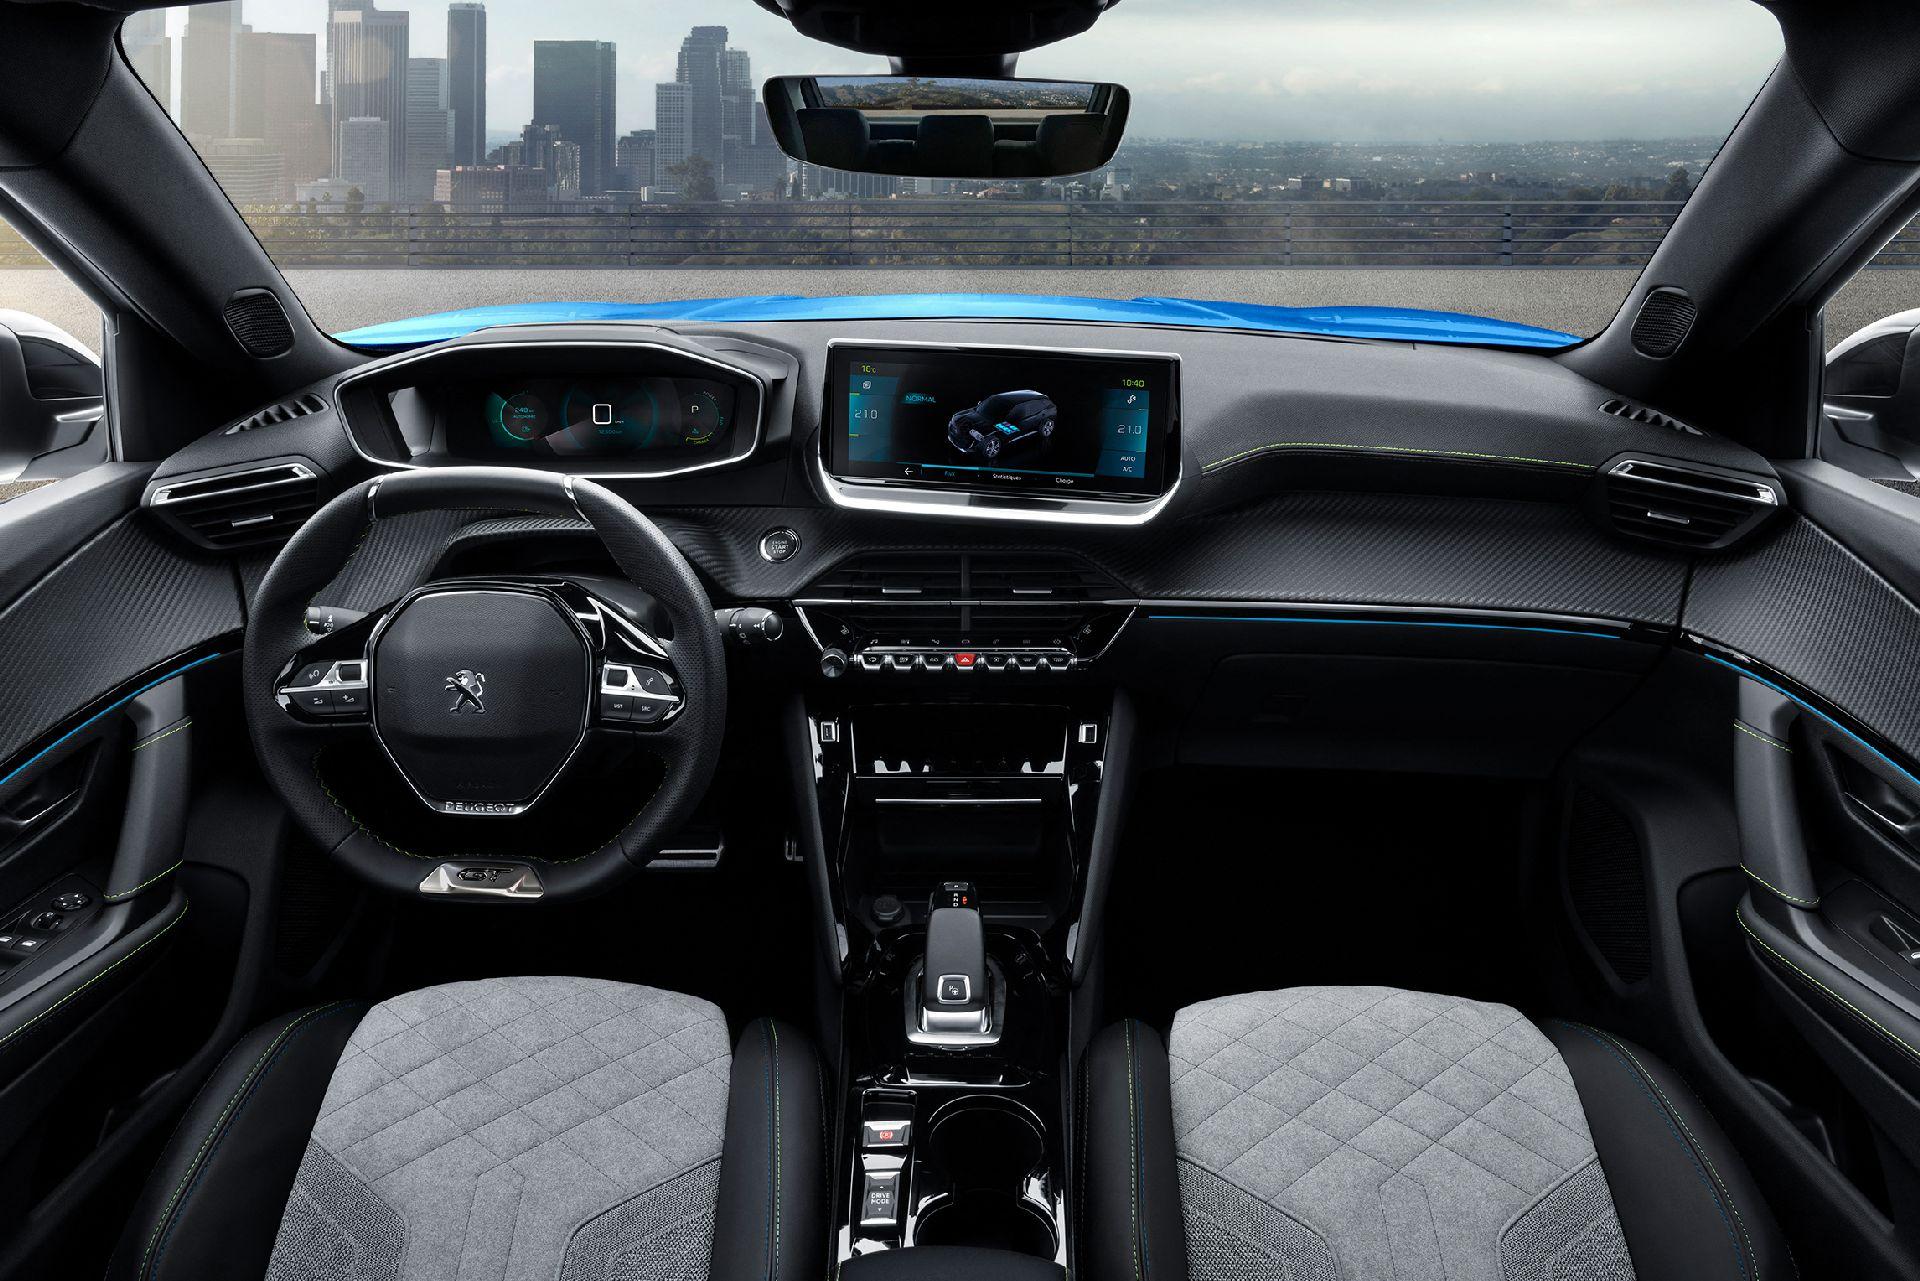 Peugeot giới thiệu thế hệ mới 2008 có thêm phiên bản chạy hoàn toàn bằng điện - 20